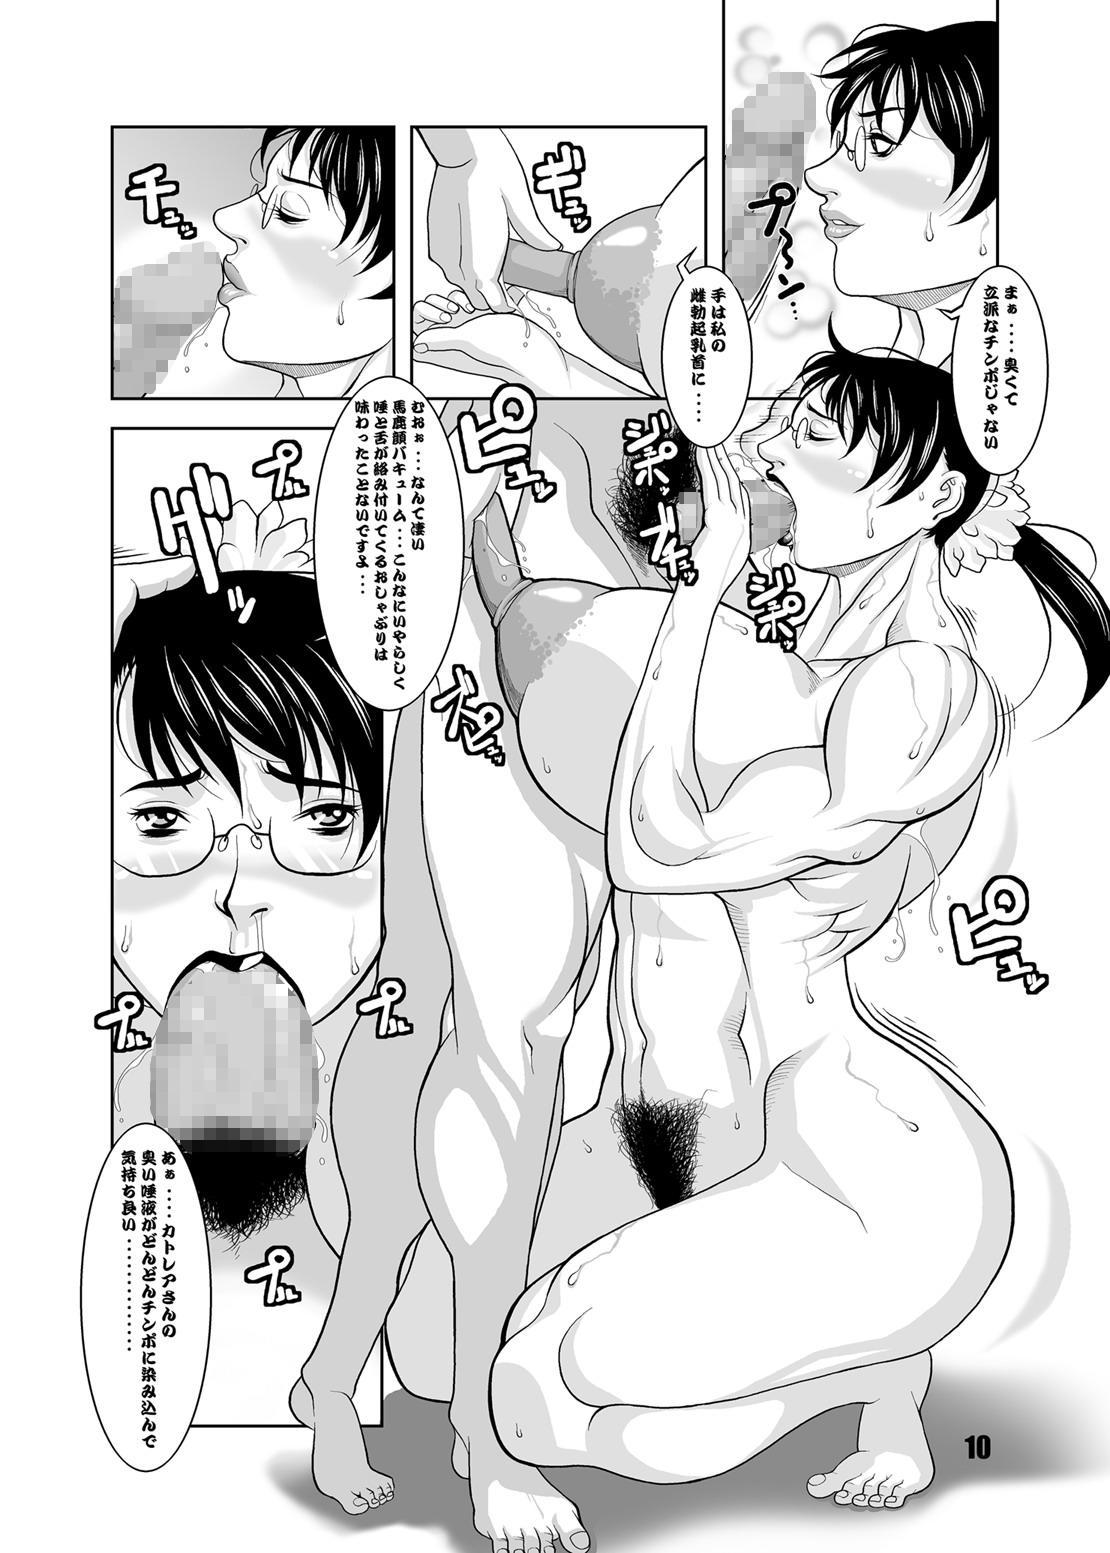 Nikushuu Musume - Hentai Hitozuma Monzetsu Mesu Bokki 8